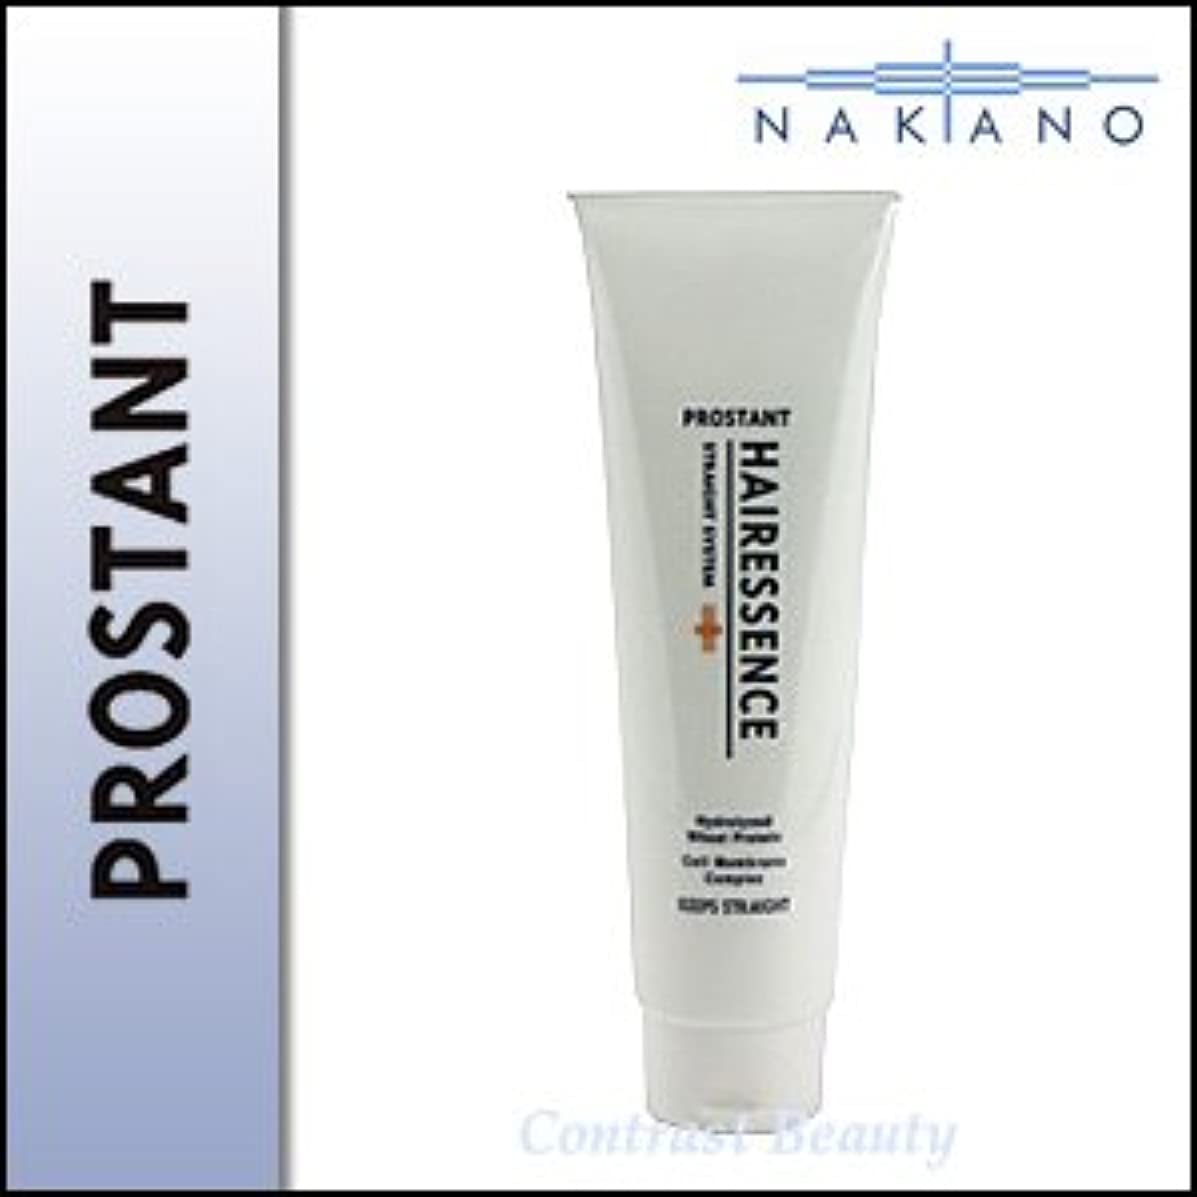 【X2個セット】 ナカノ プロスタント ヘアエッセンス 250g エッセンス(洗い流さないヘアトリートメント) 【ヘアケア Hair care 中野製薬株式会社 NAKANO】